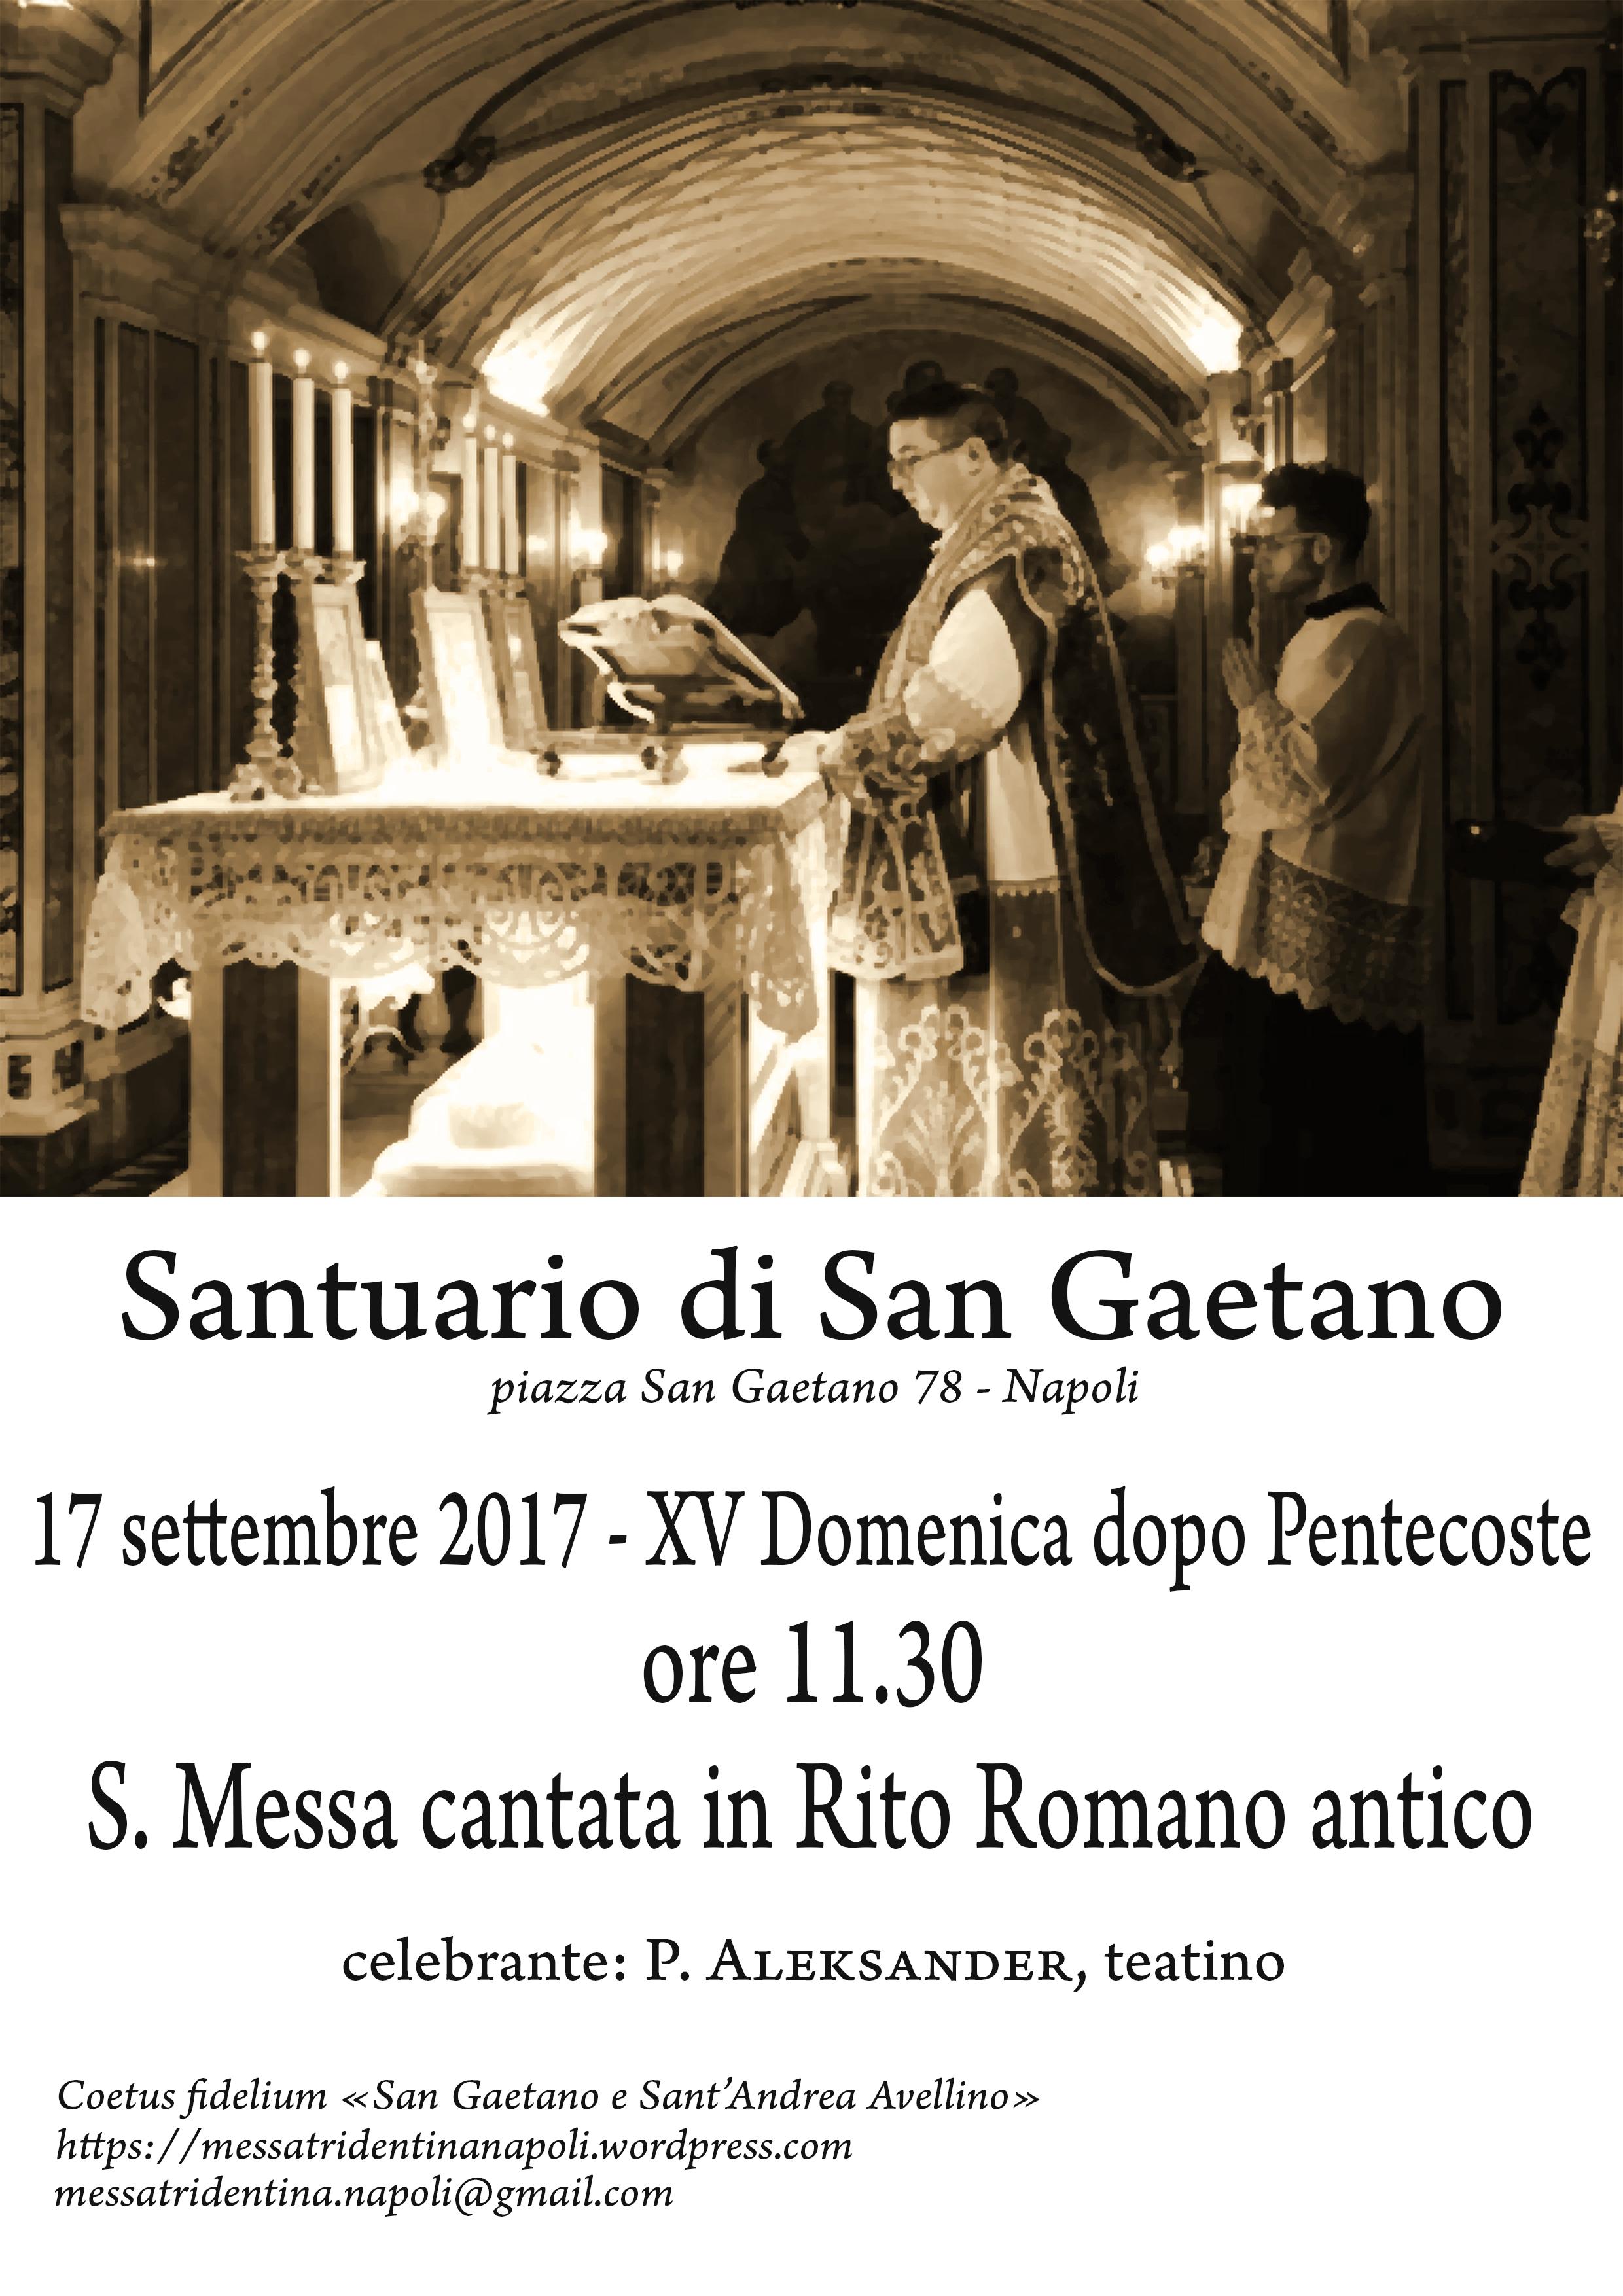 Rito Matrimonio Romano Antico : Napoli xv domenica dopo pentecoste s messa in rito